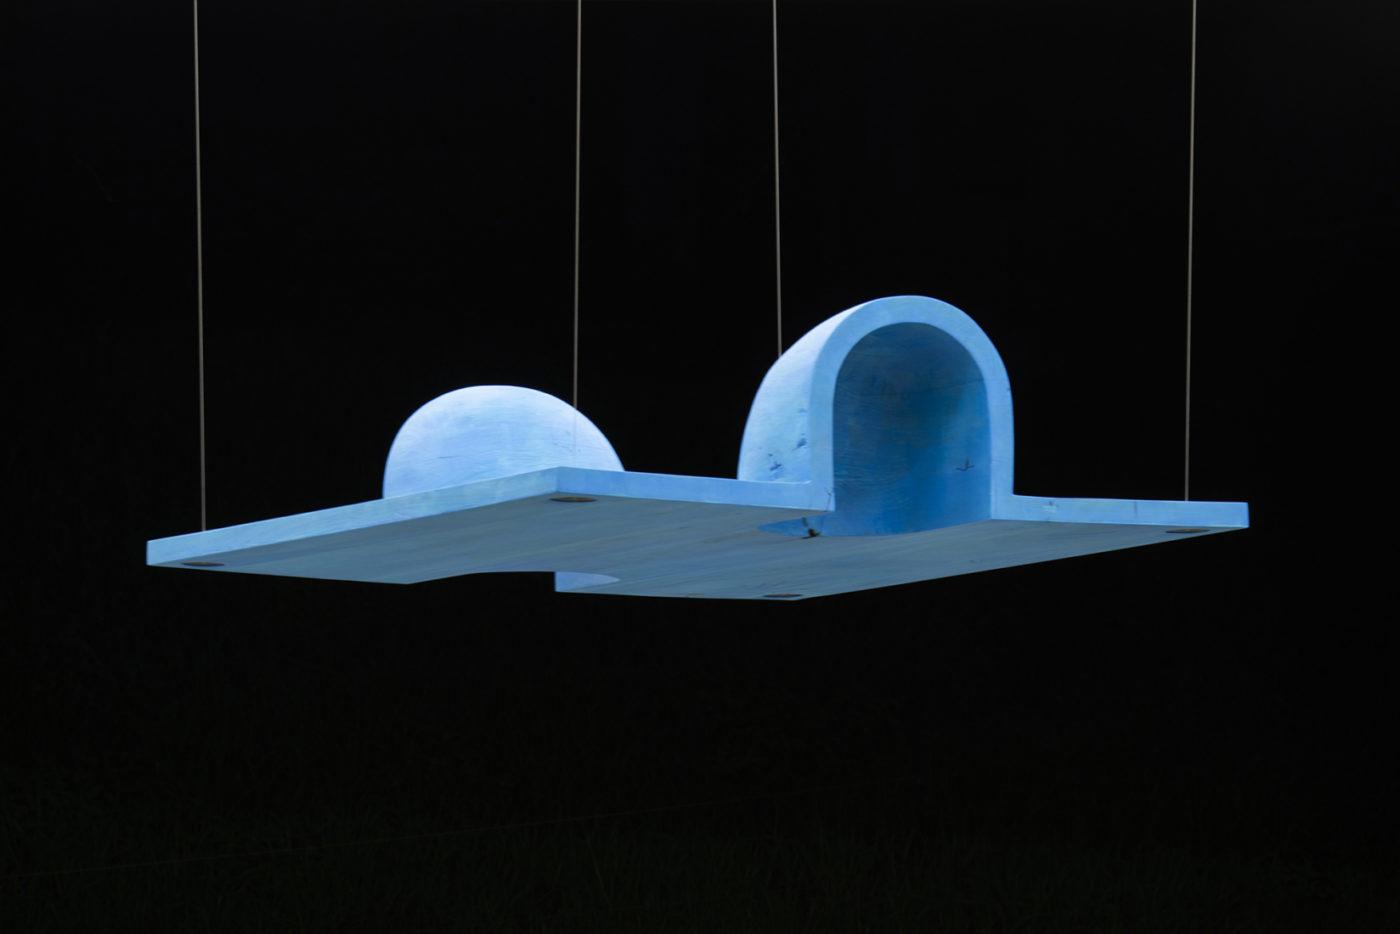 アートコートギャラリーにて、彫刻家・松井紫朗の新作展「Far Too Close」開催